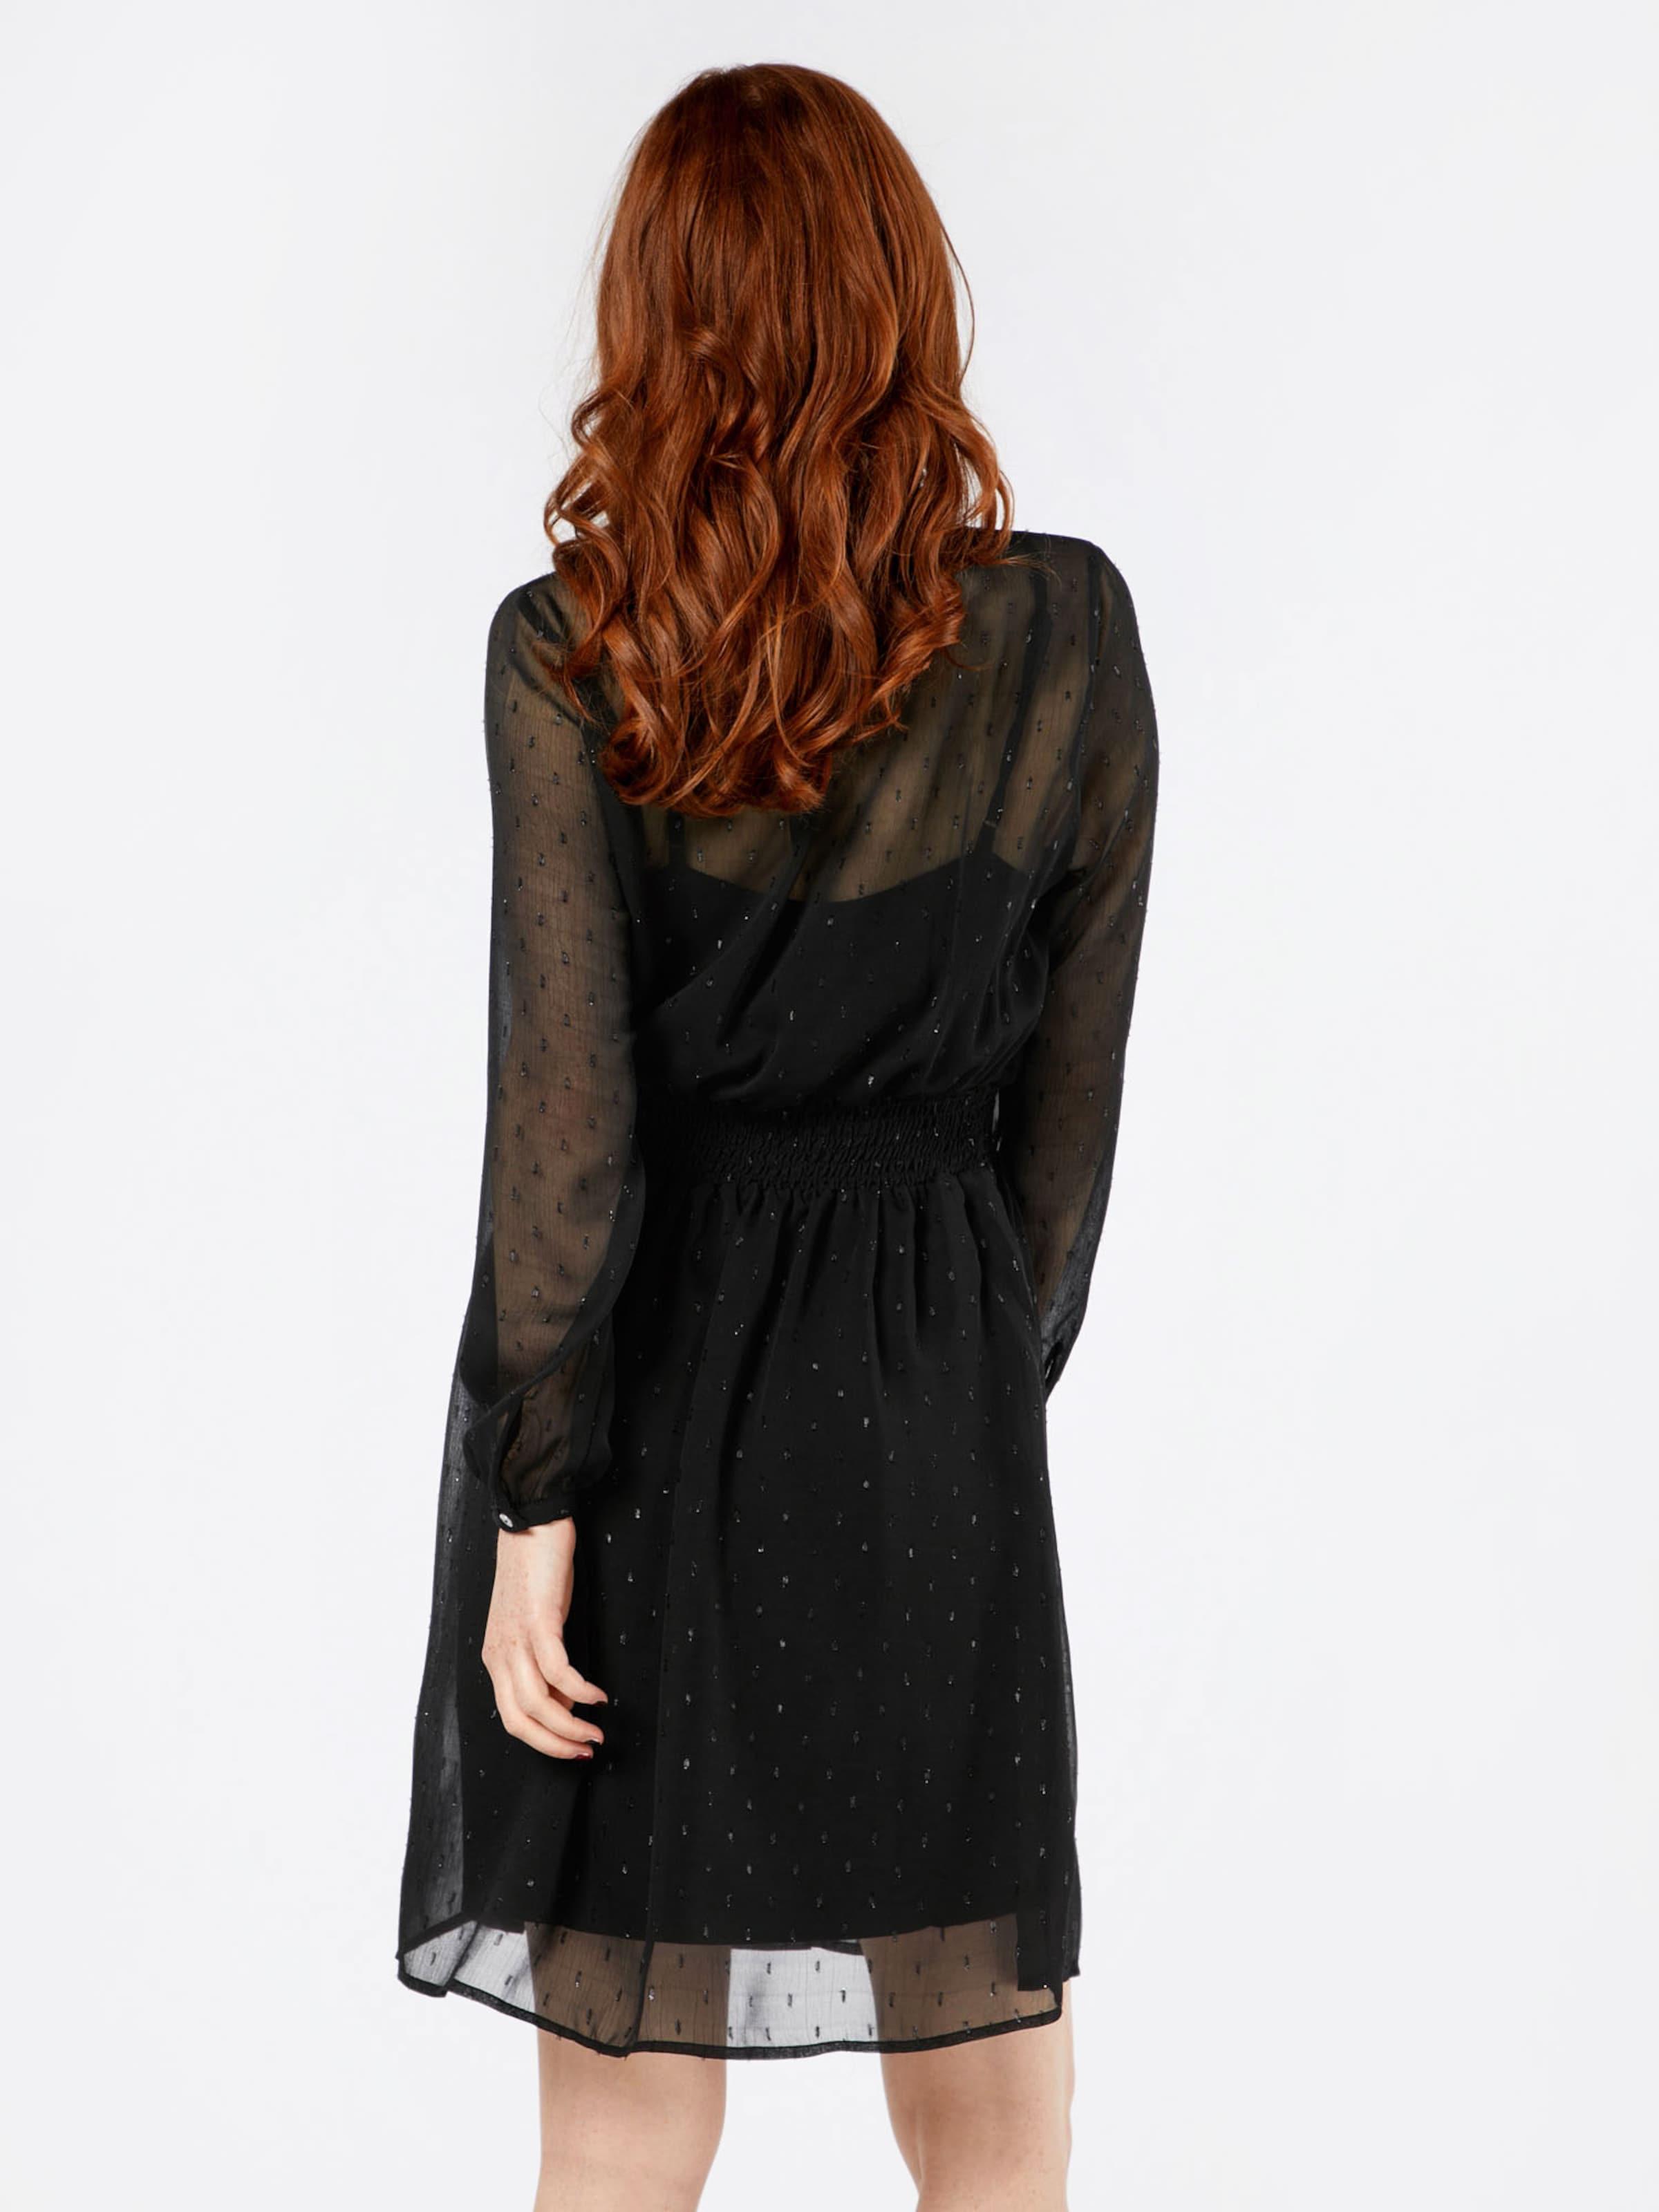 Preise Für Verkauf RUE de FEMME Kleid 'Maja' Verkauf In Mode Rabatt 100% Original Zum Verkauf Günstigen Preis JlaTHu